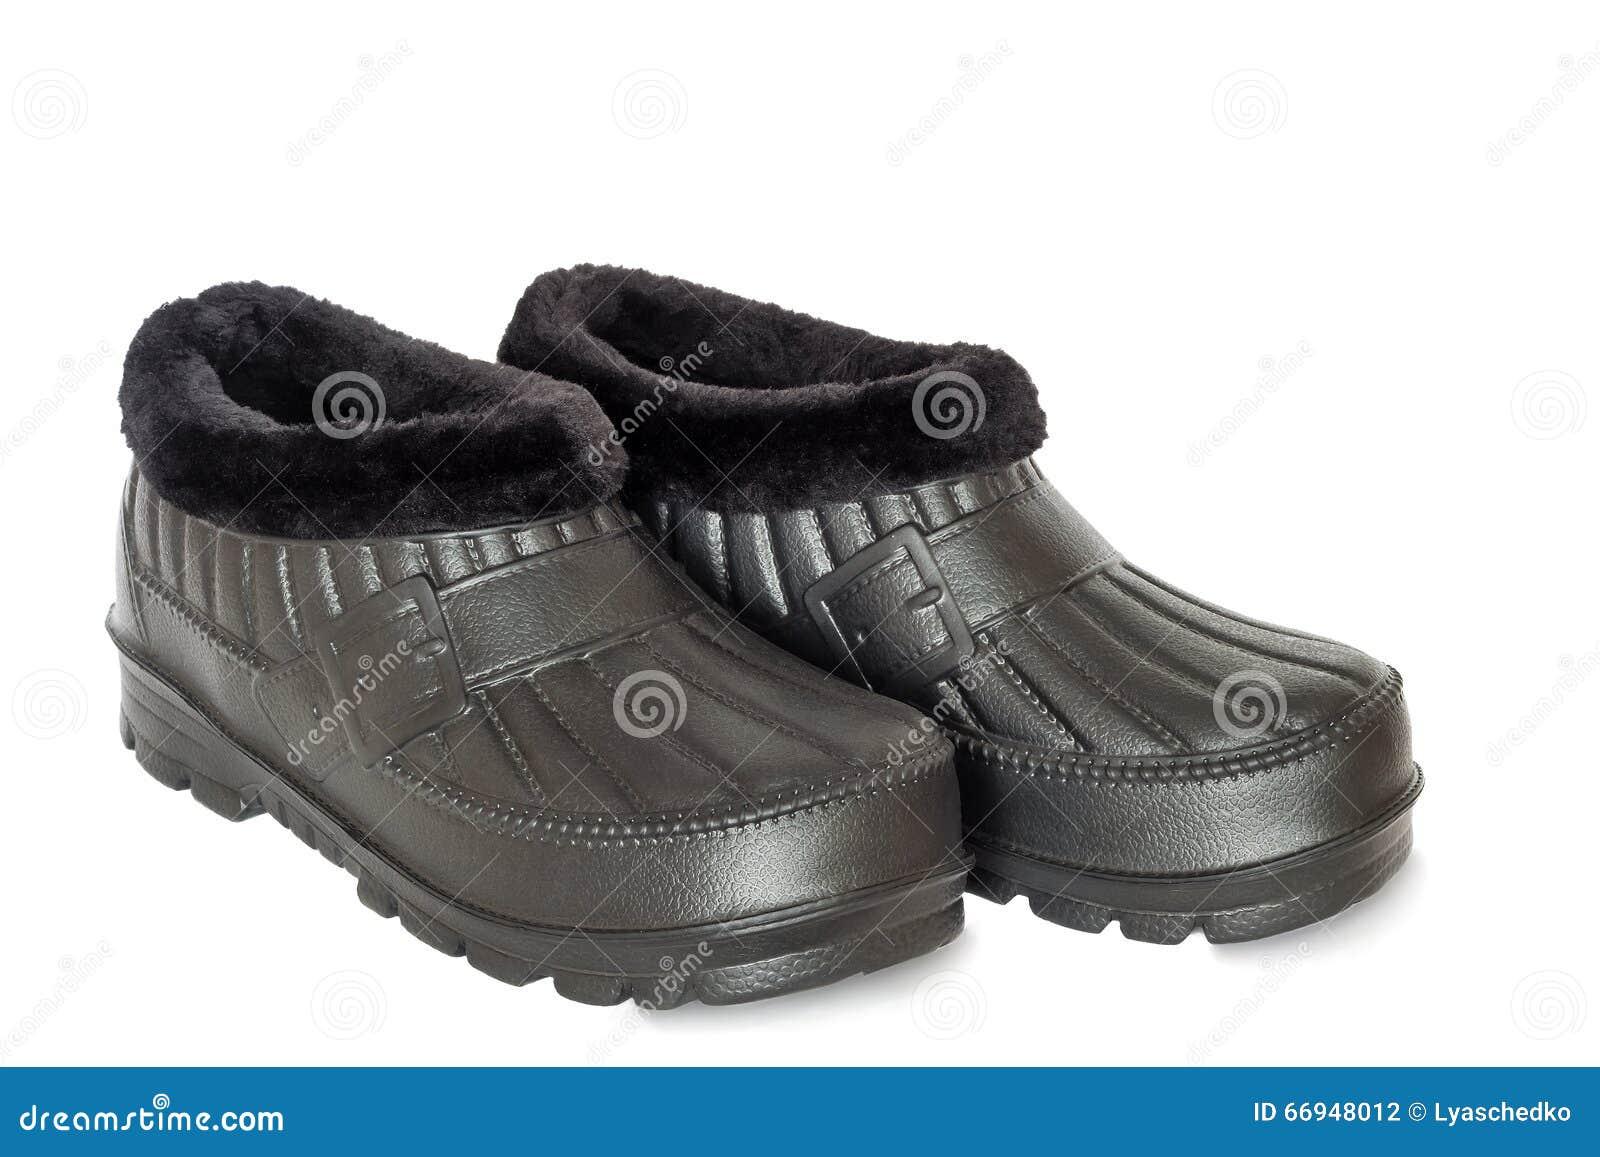 Trabajo Cómodos Foto Un Zapatos En De Impermeables Blanco Fondo fgY76bvy